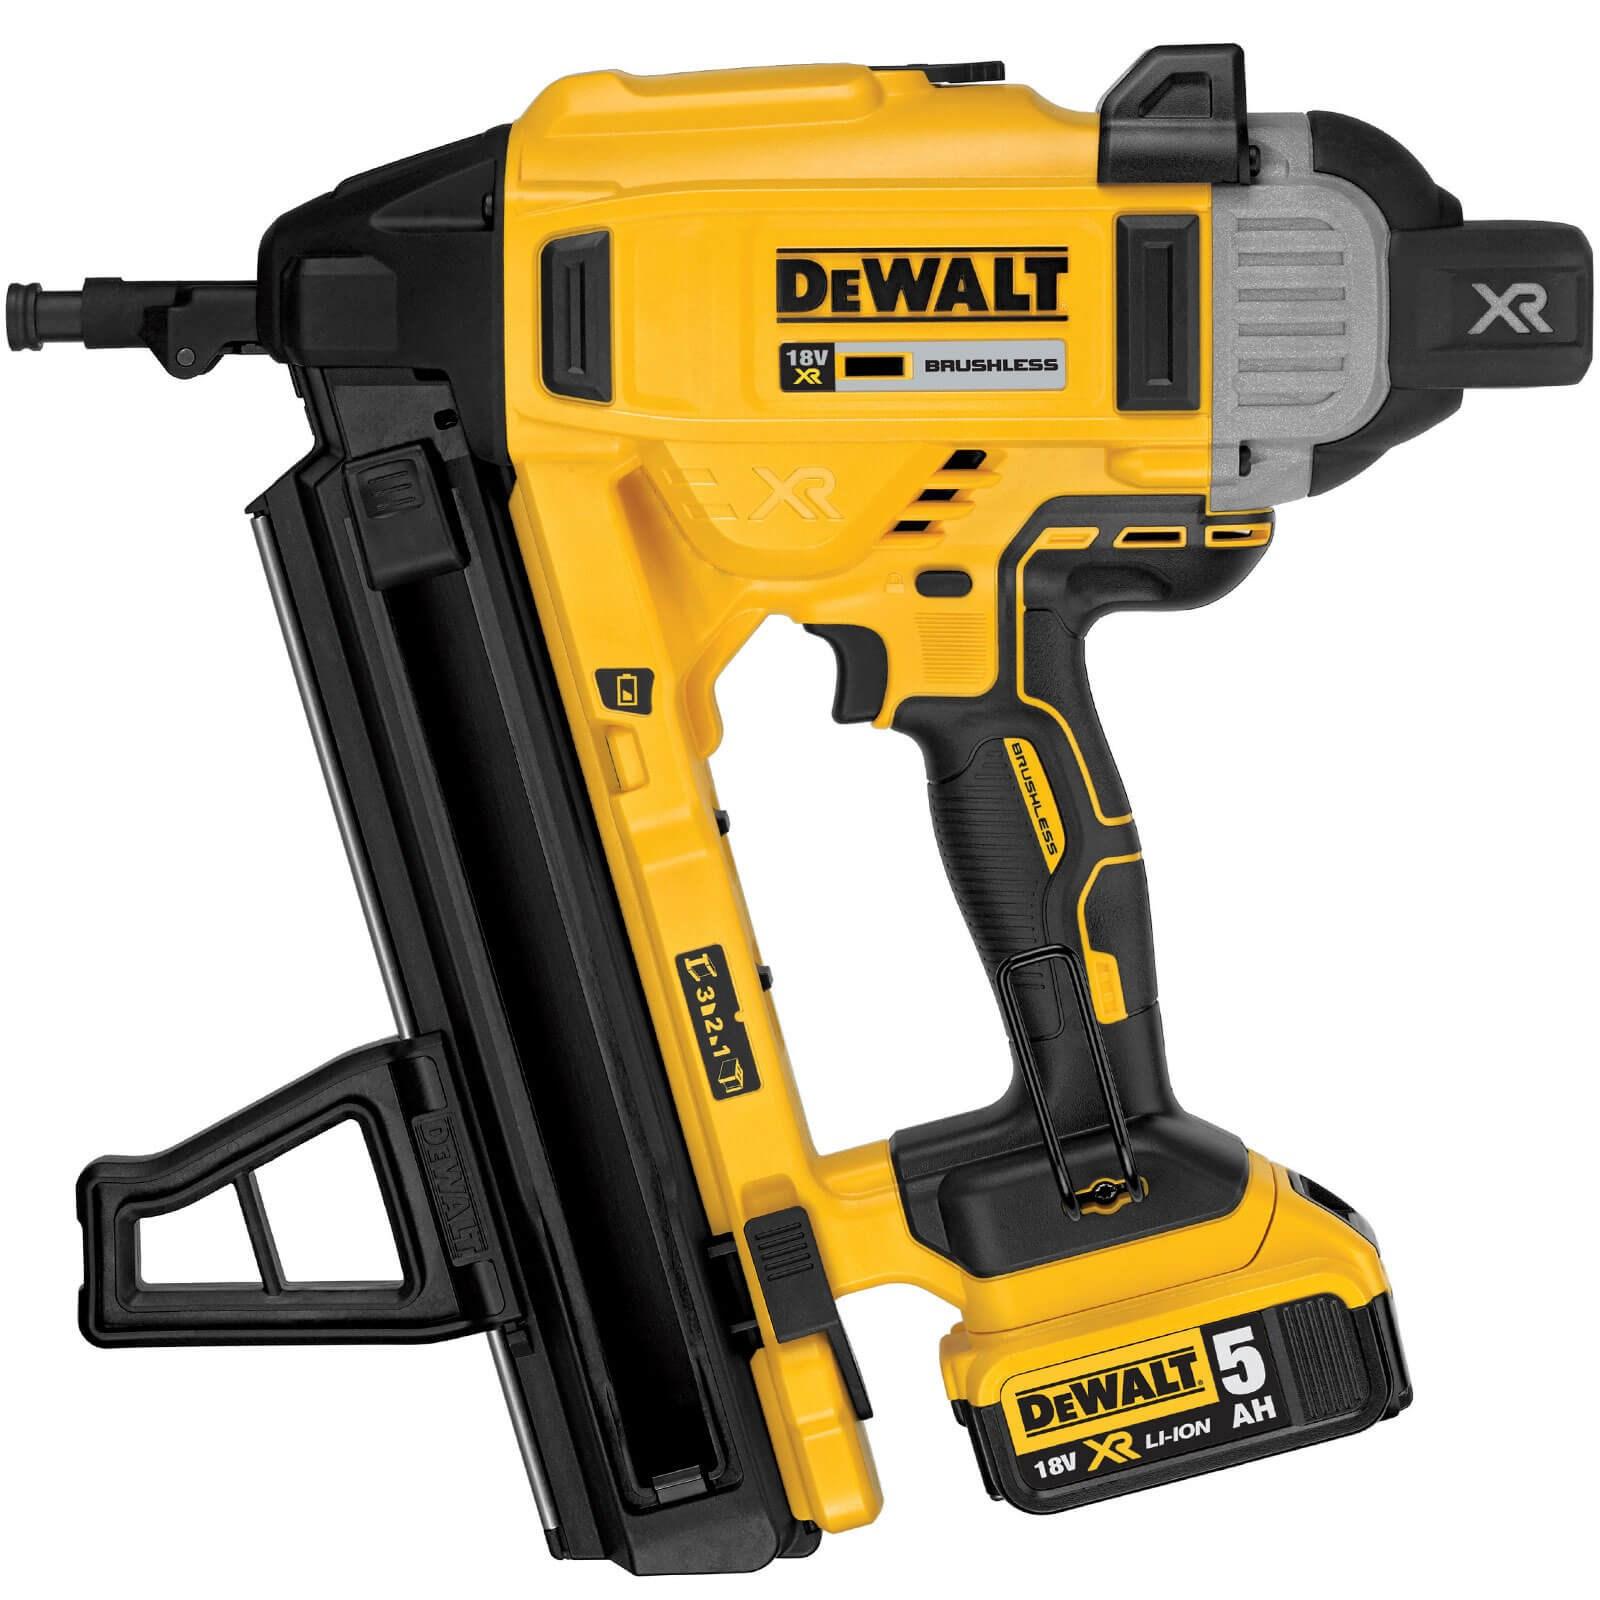 DeWalt DCN890 18v XR Cordless Concrete Nail Gun